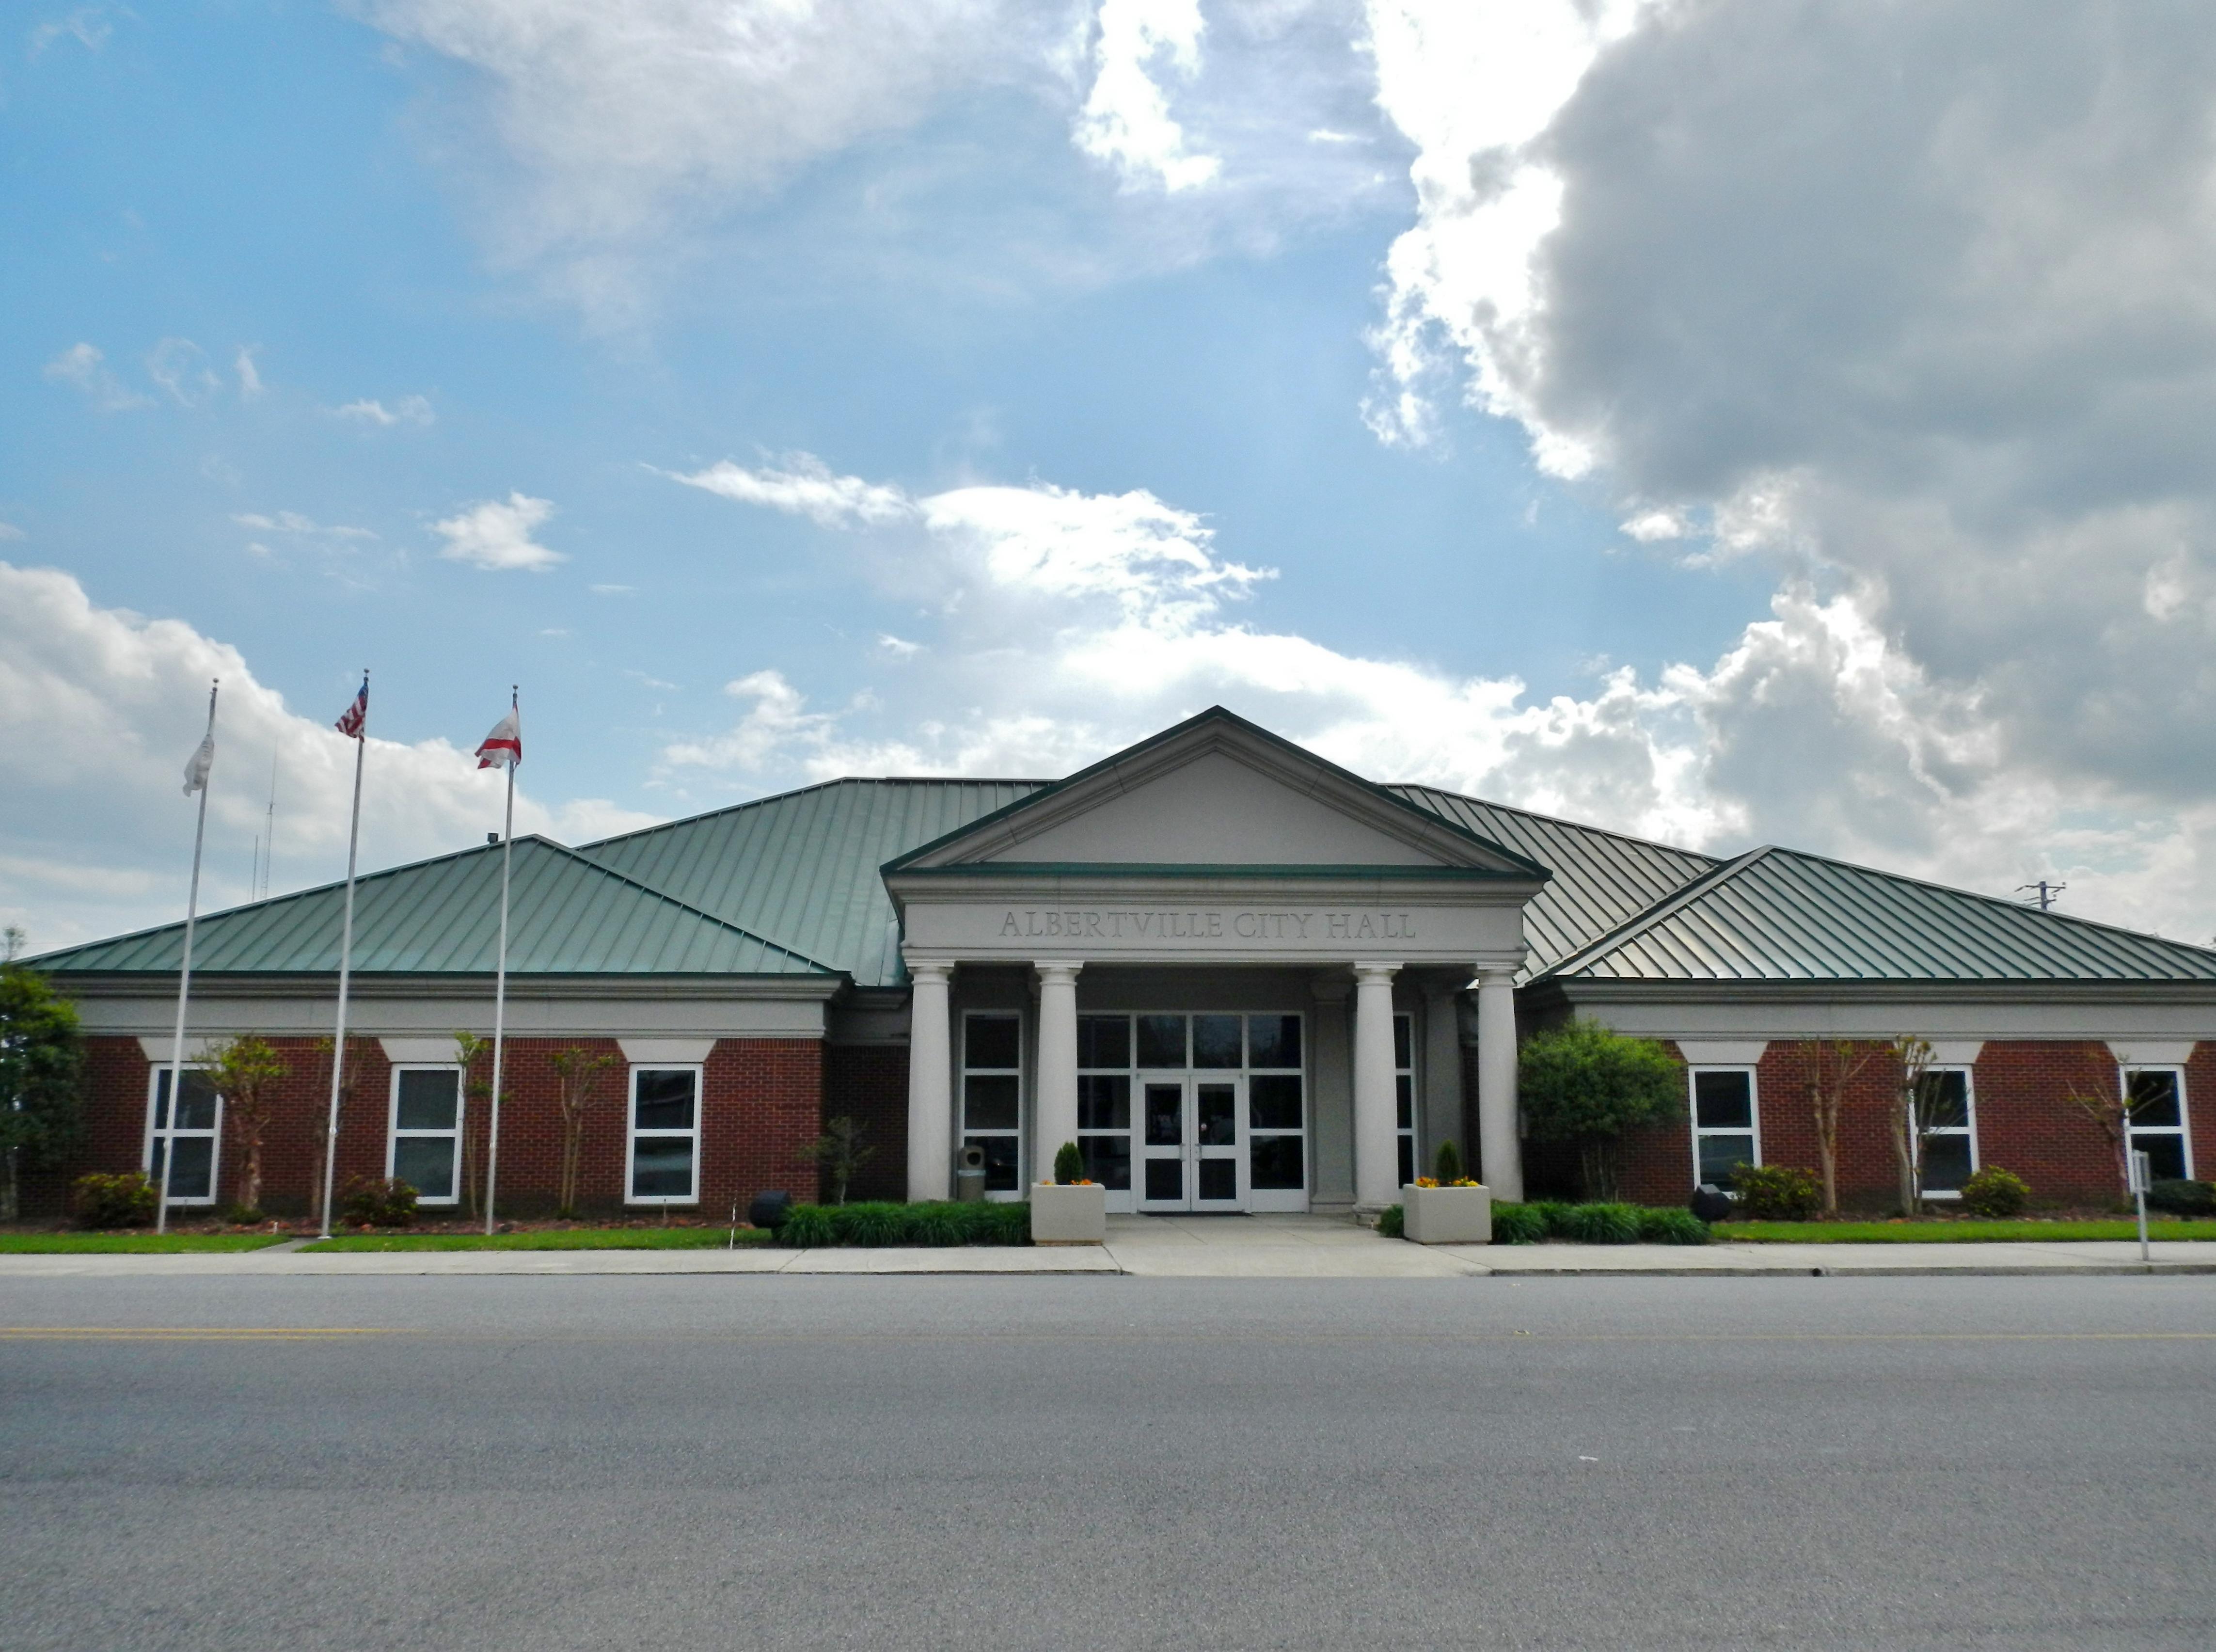 Colormaster albertville al - File Albertville Alabama City Hall Jpg